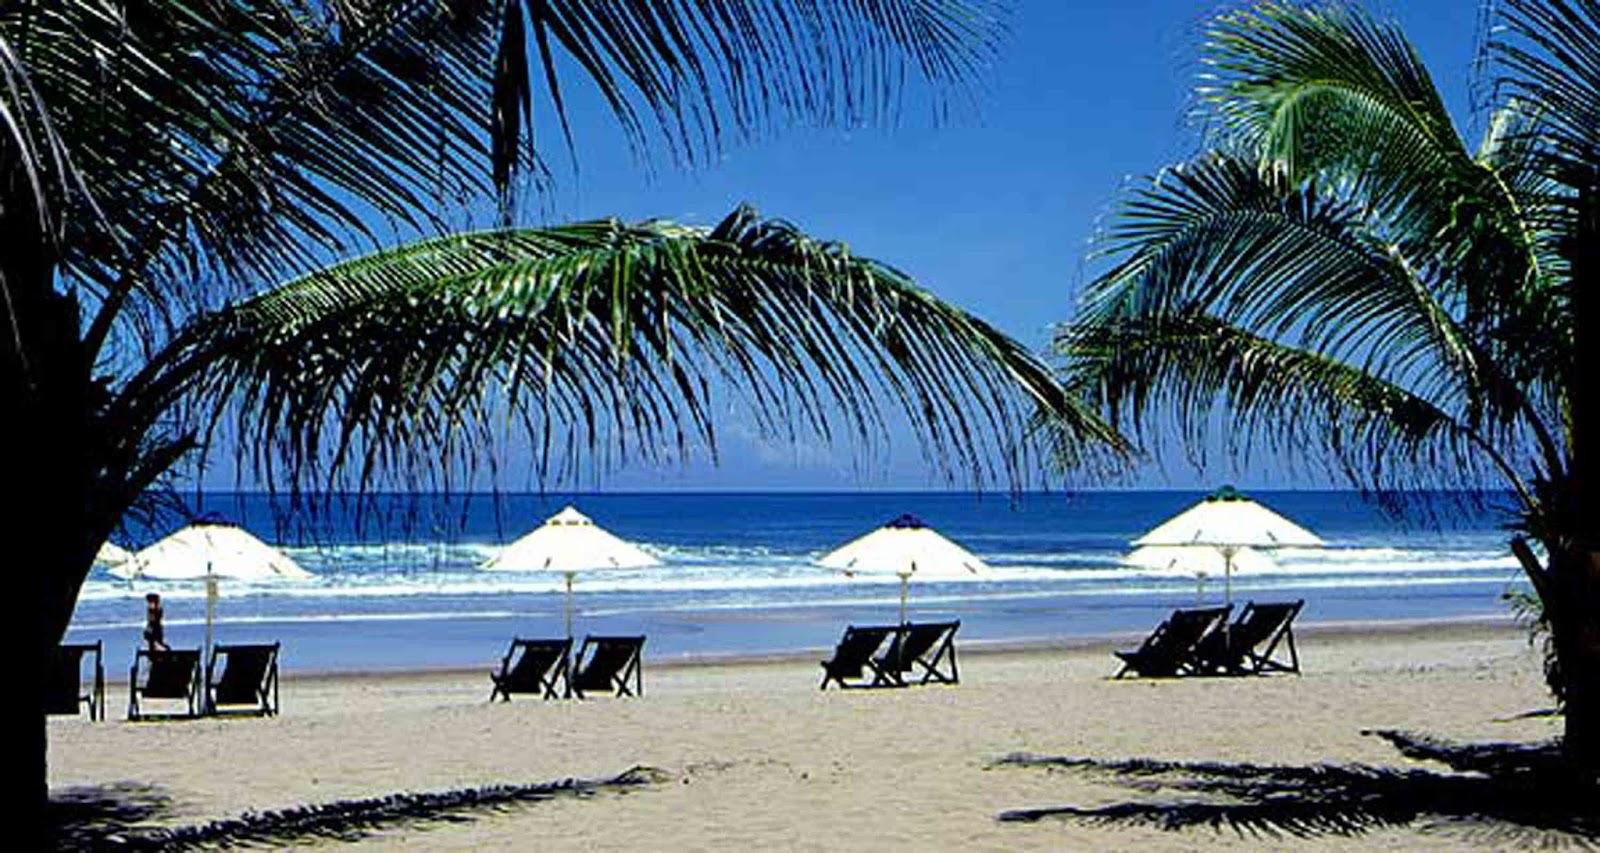 Objek Wisata Pantai Legian Bali Idola Wisatawan Australia